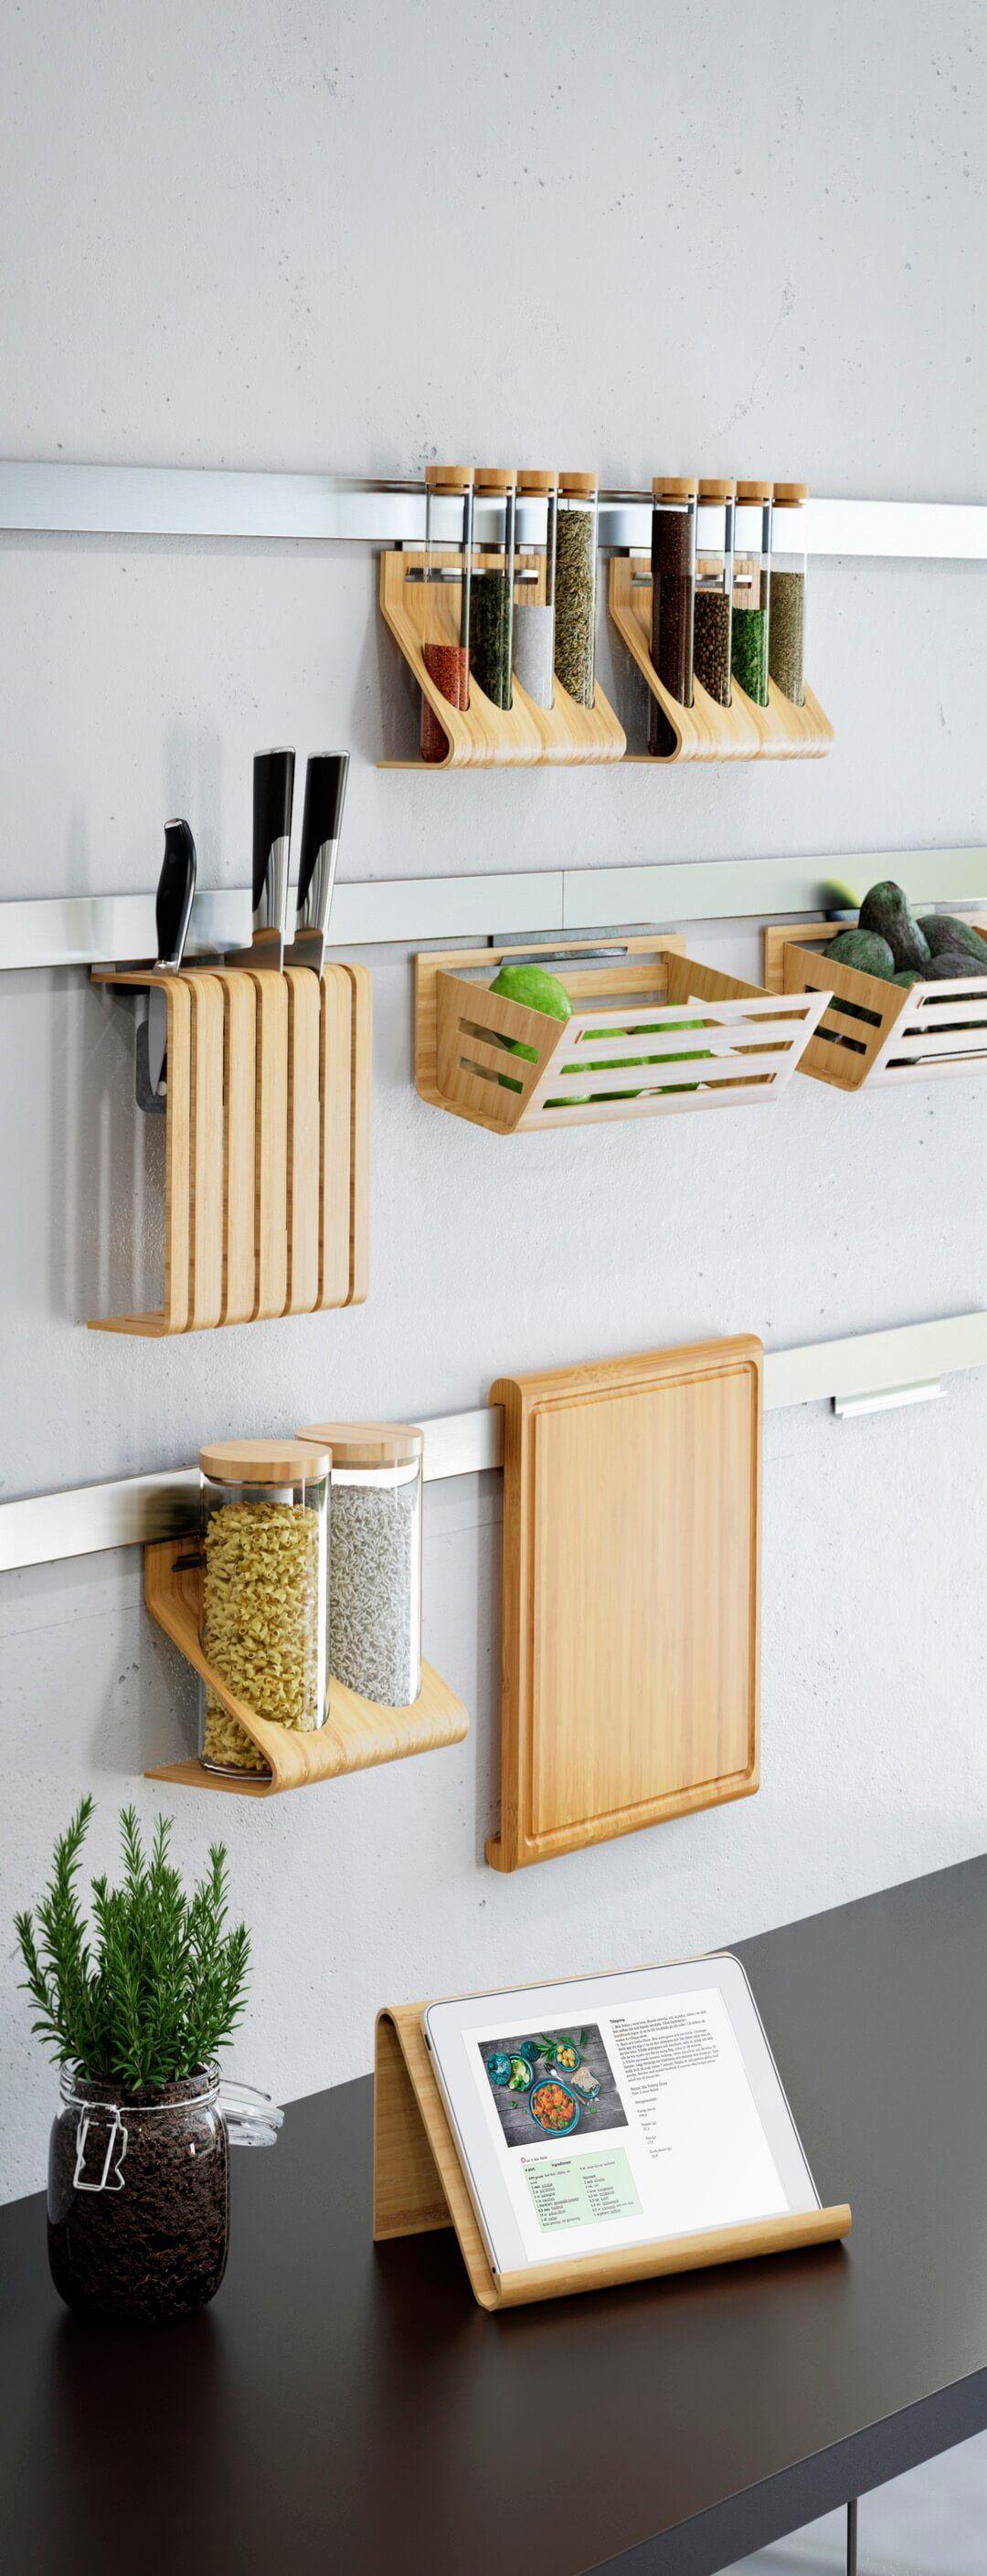 31 id es g niales pour organiser votre petite cuisine id es de rangement le cours et ma cuisine. Black Bedroom Furniture Sets. Home Design Ideas